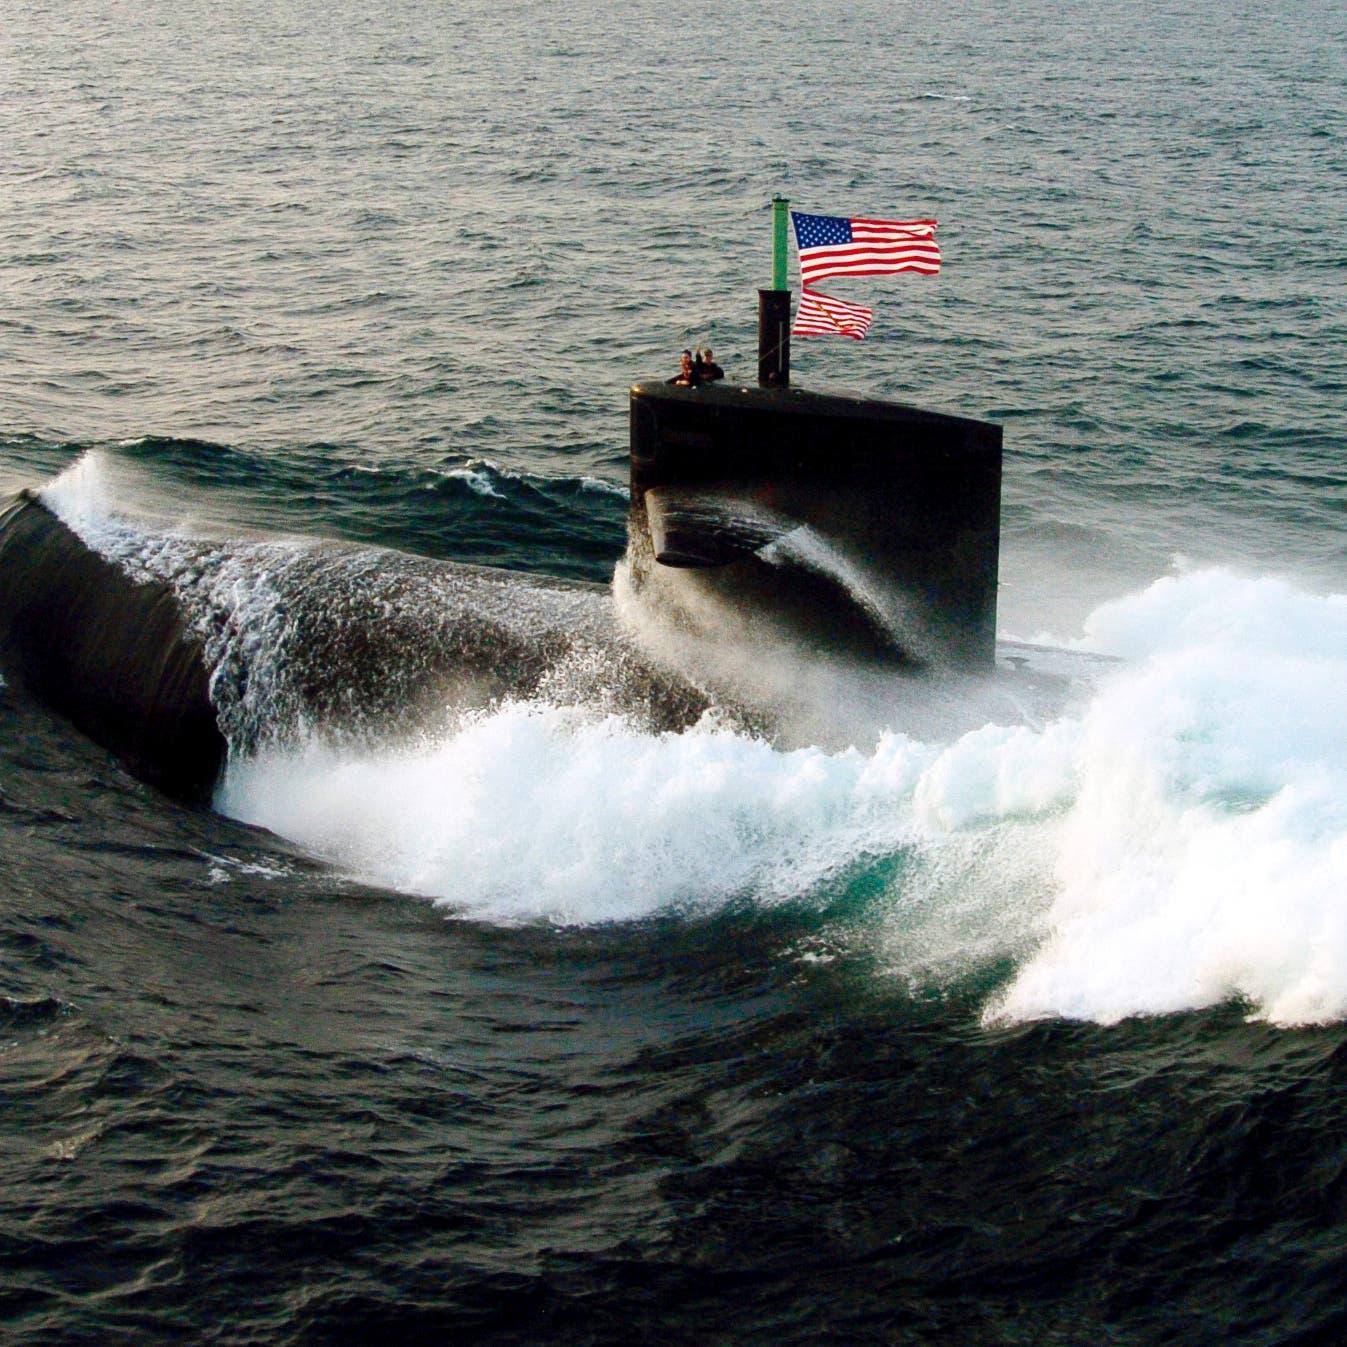 البحرية الأميركية: وصلنا لحالة ردع حذر مع إيران